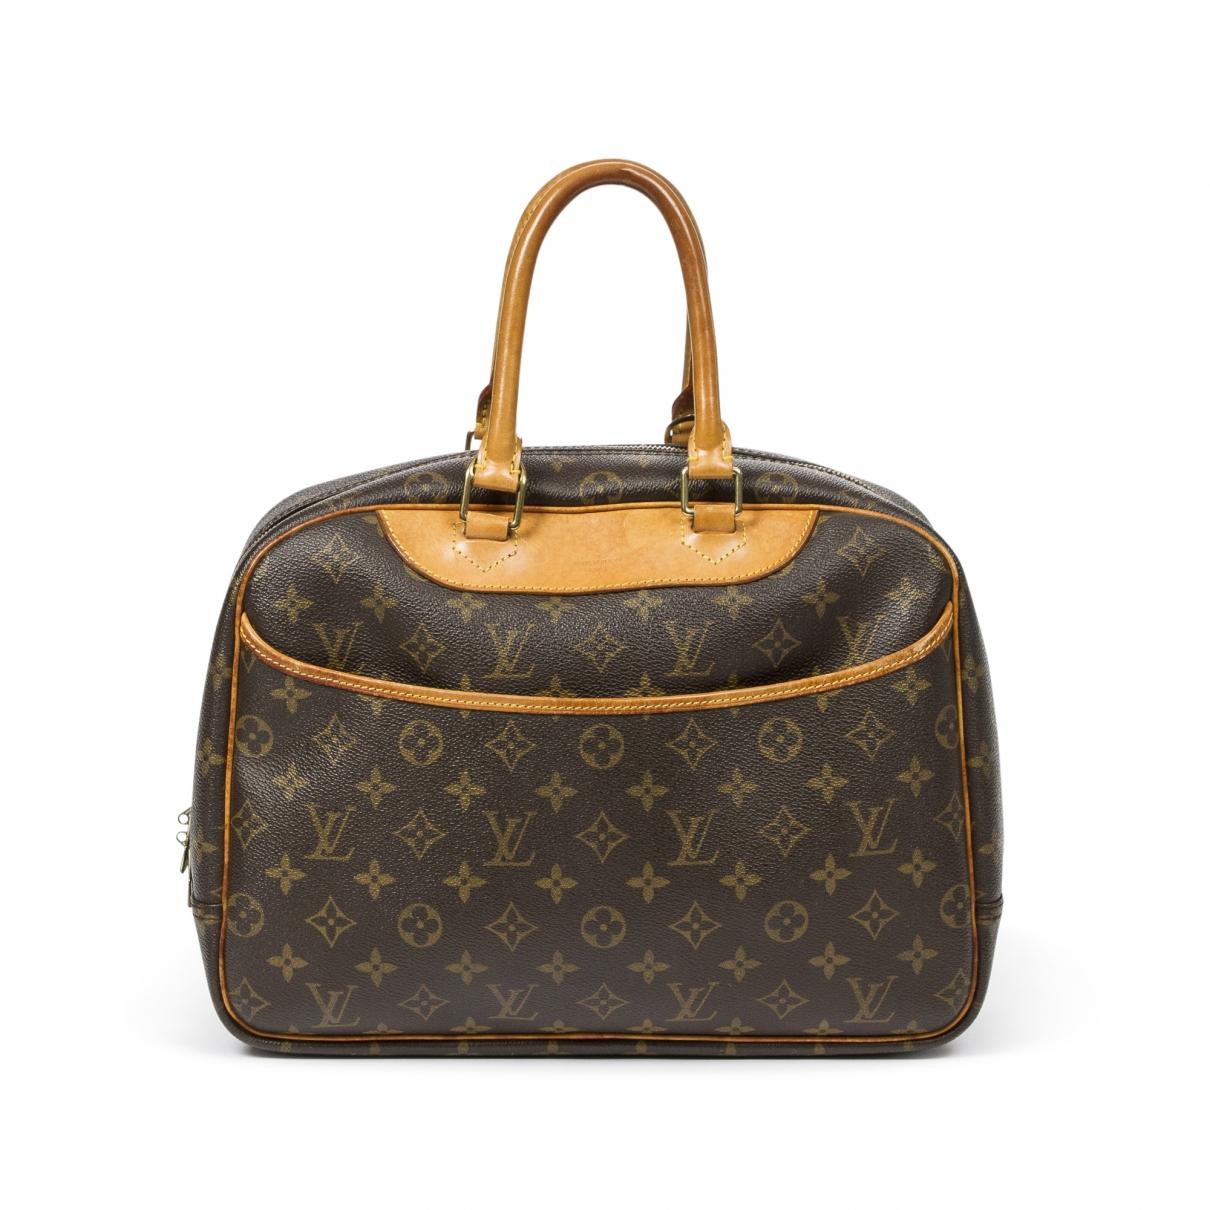 Louis Vuitton - Sac a main Deauville pour femme en cuir - marron